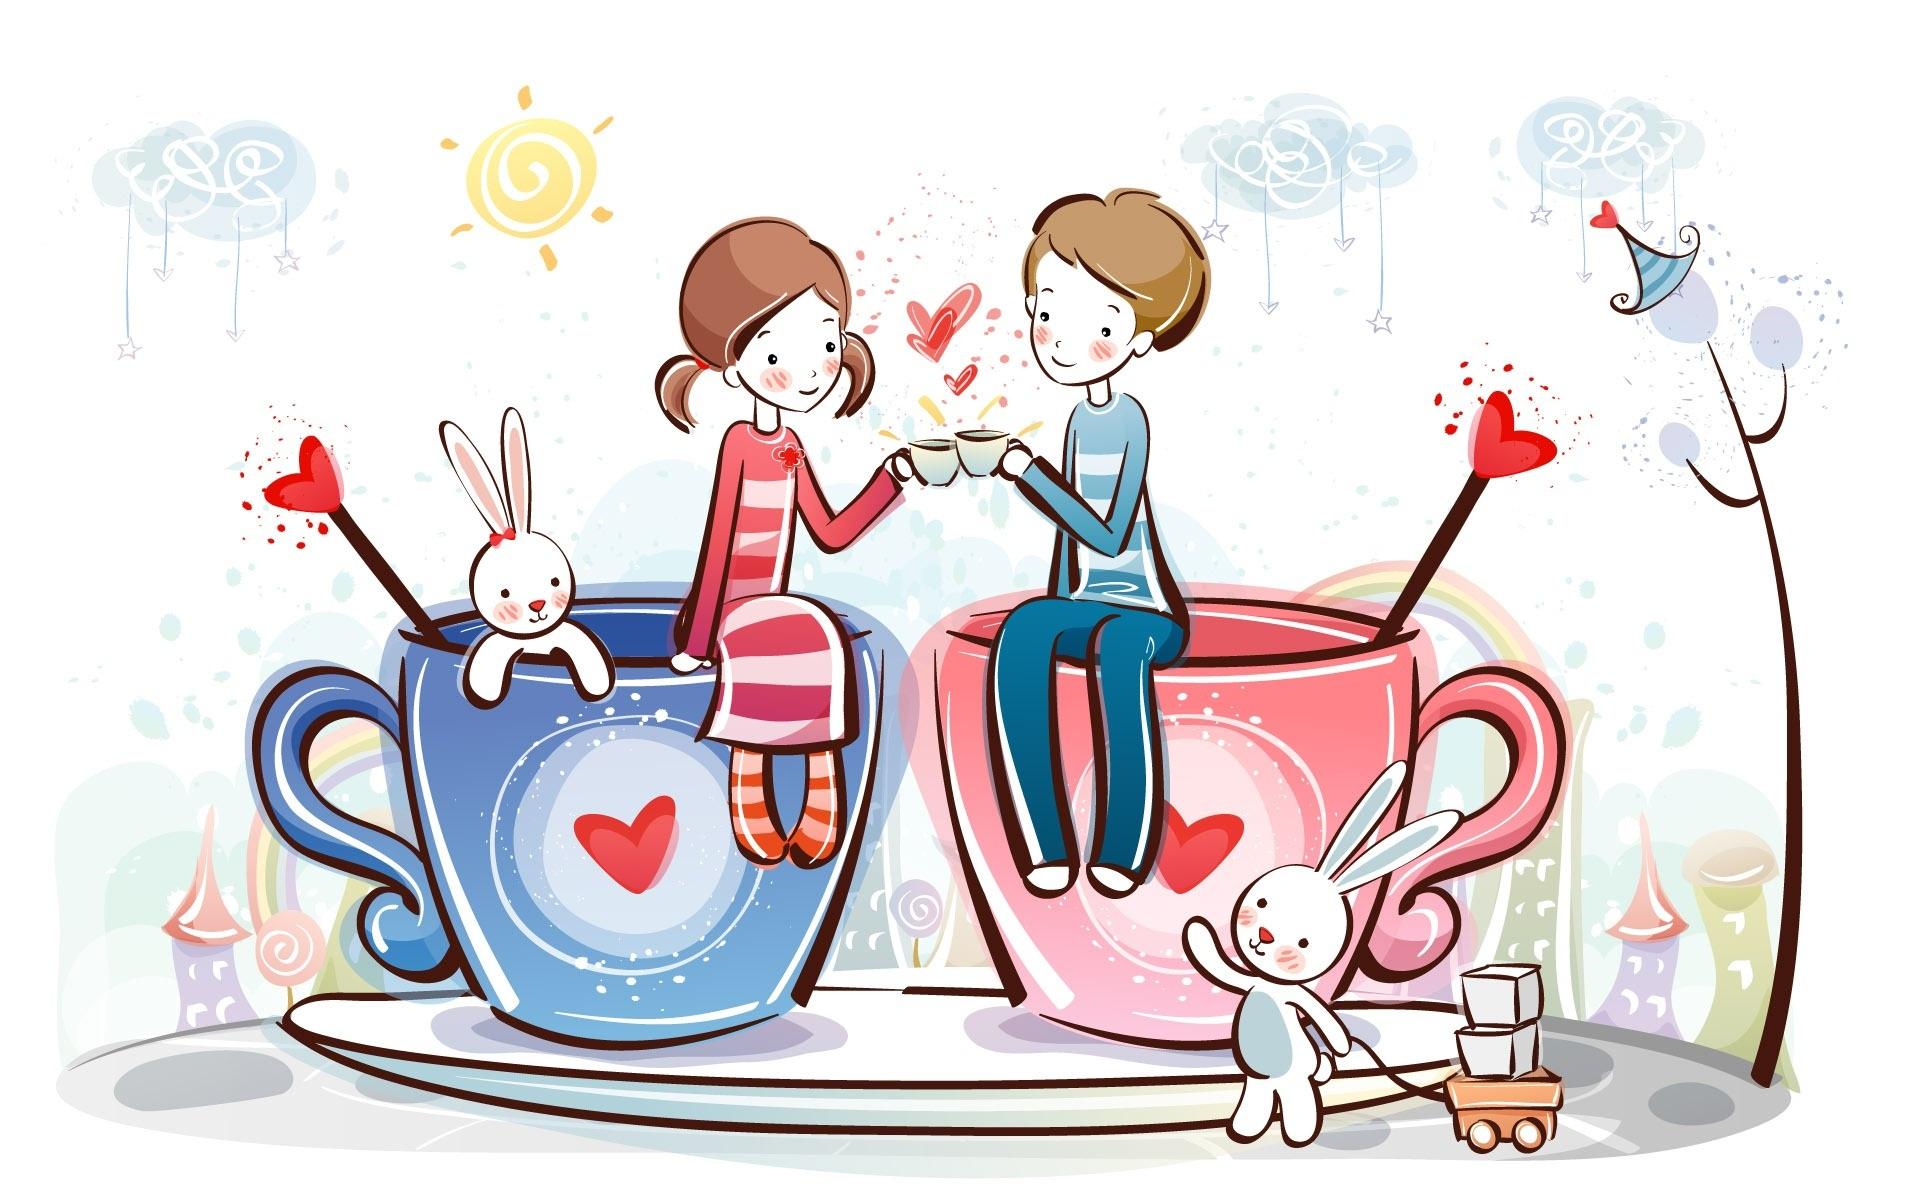 浪漫愛情咖啡 壁紙 - 1920x1200